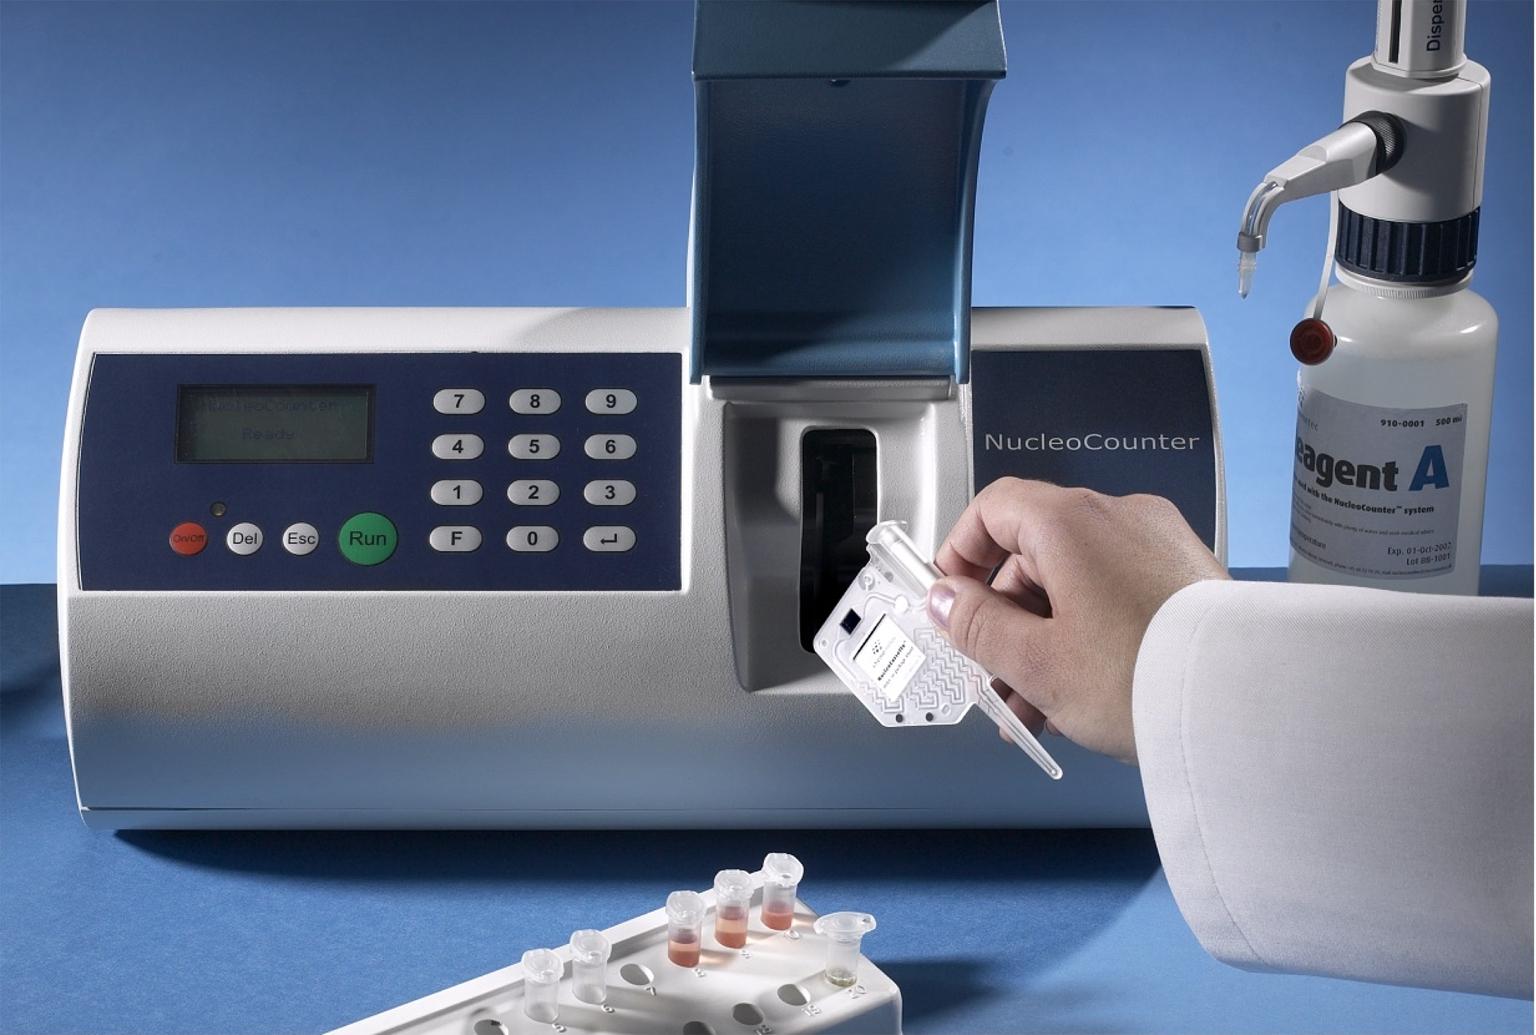 牛奶体细胞快速计数仪